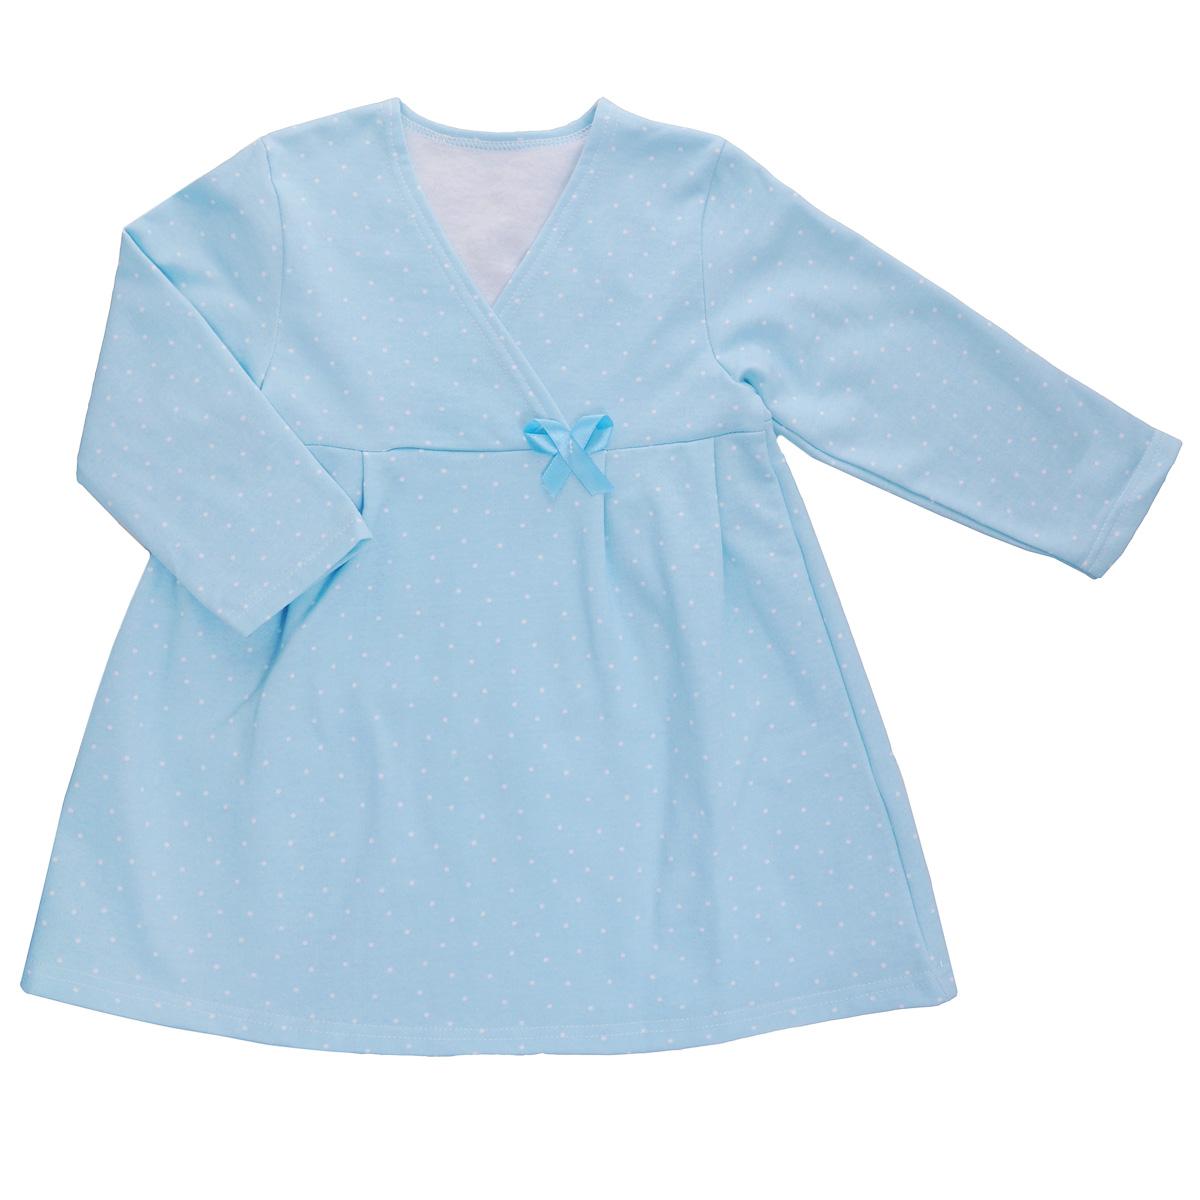 Сорочка ночная для девочки Трон-плюс, цвет: голубой, белый, рисунок горох. 5522. Размер 86/92, 2-3 года5522Яркая сорочка Трон-плюс идеально подойдет вашей малышке и станет отличным дополнением к детскому гардеробу. Теплая сорочка, изготовленная из футера - натурального хлопка, необычайно мягкая и легкая, не сковывает движения ребенка, позволяет коже дышать и не раздражает даже самую нежную и чувствительную кожу малыша. Сорочка трапециевидного кроя с длинными рукавами, V-образным вырезом горловины. Полочка состоит из двух частей, заходящих друг на друга. По переднему и заднему полотнищам юбки заложены небольшие складки. Сорочка оформлена атласным бантиком.В такой сорочке ваш ребенок будет чувствовать себя комфортно и уютно во время сна.